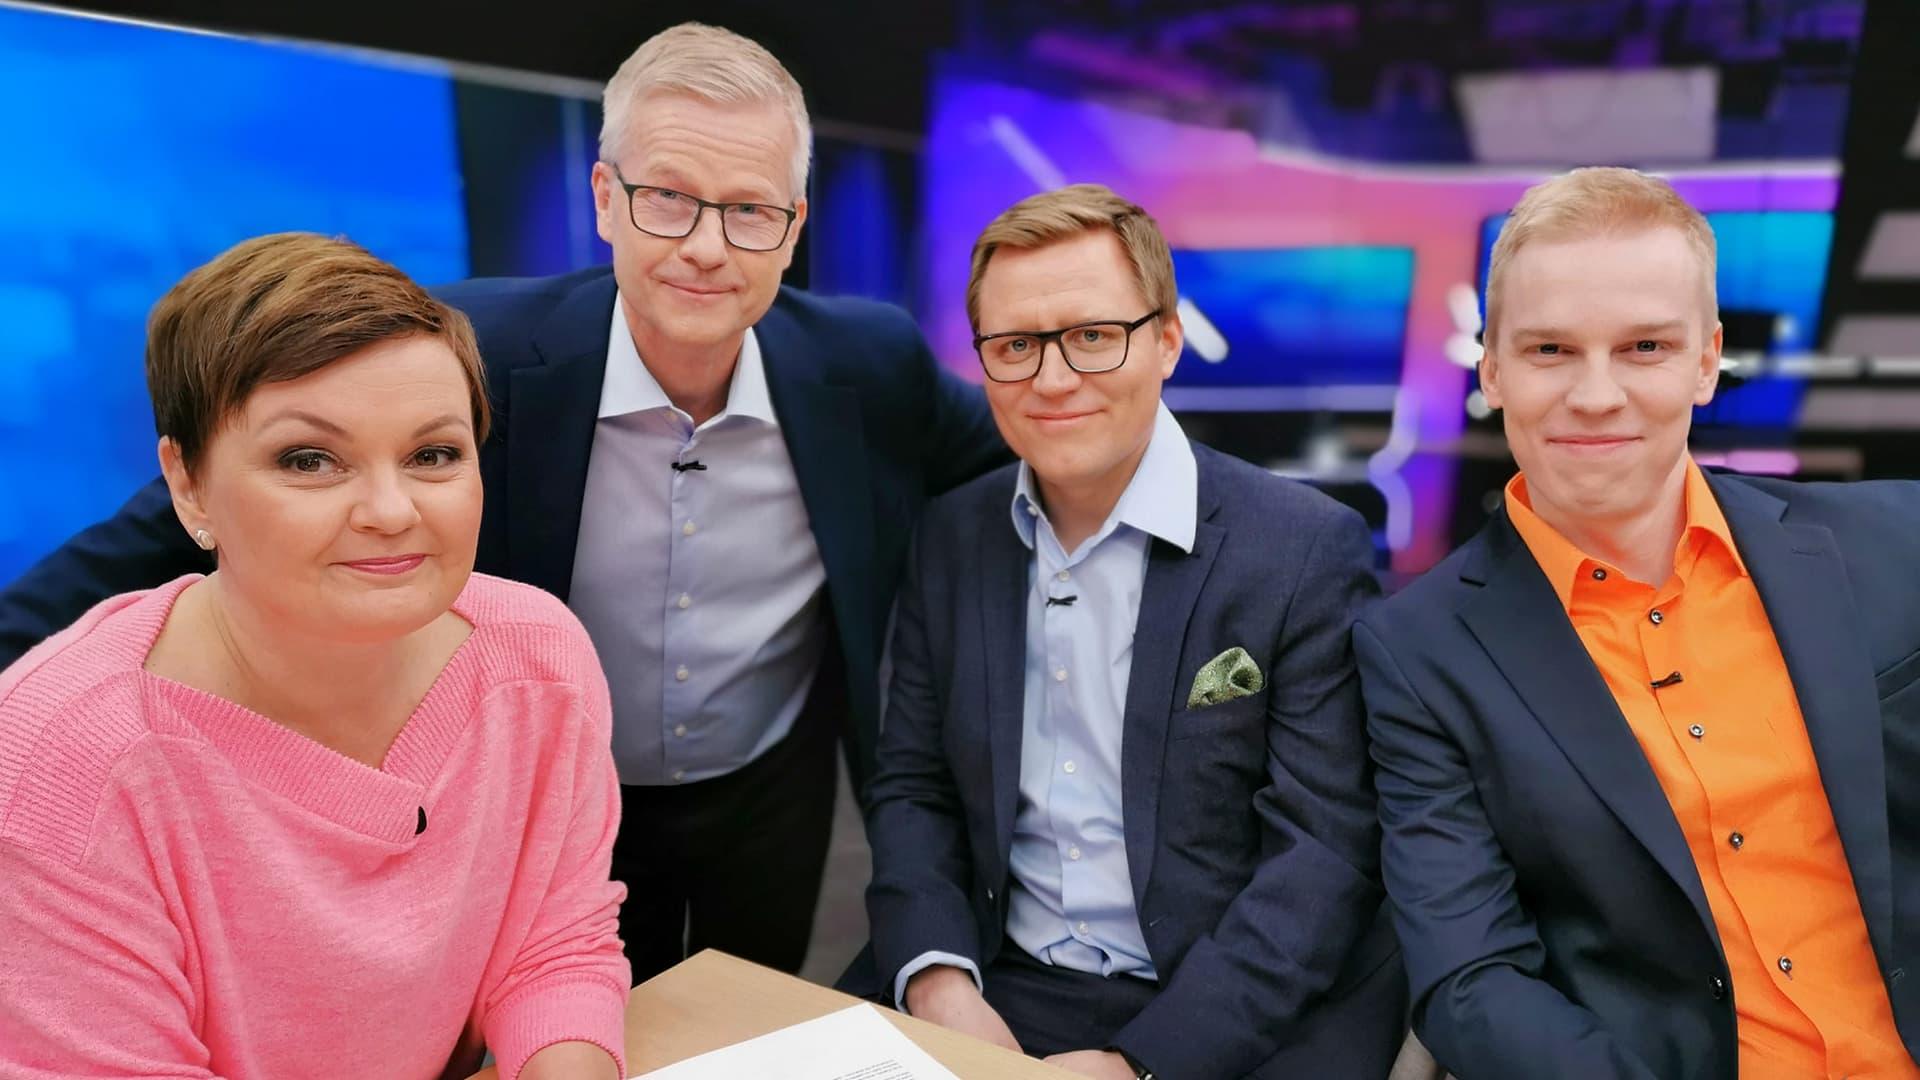 Suomessa miehet tienaavat keskimäärin vajaat 600 euroa enemmän kuussa kuin naiset